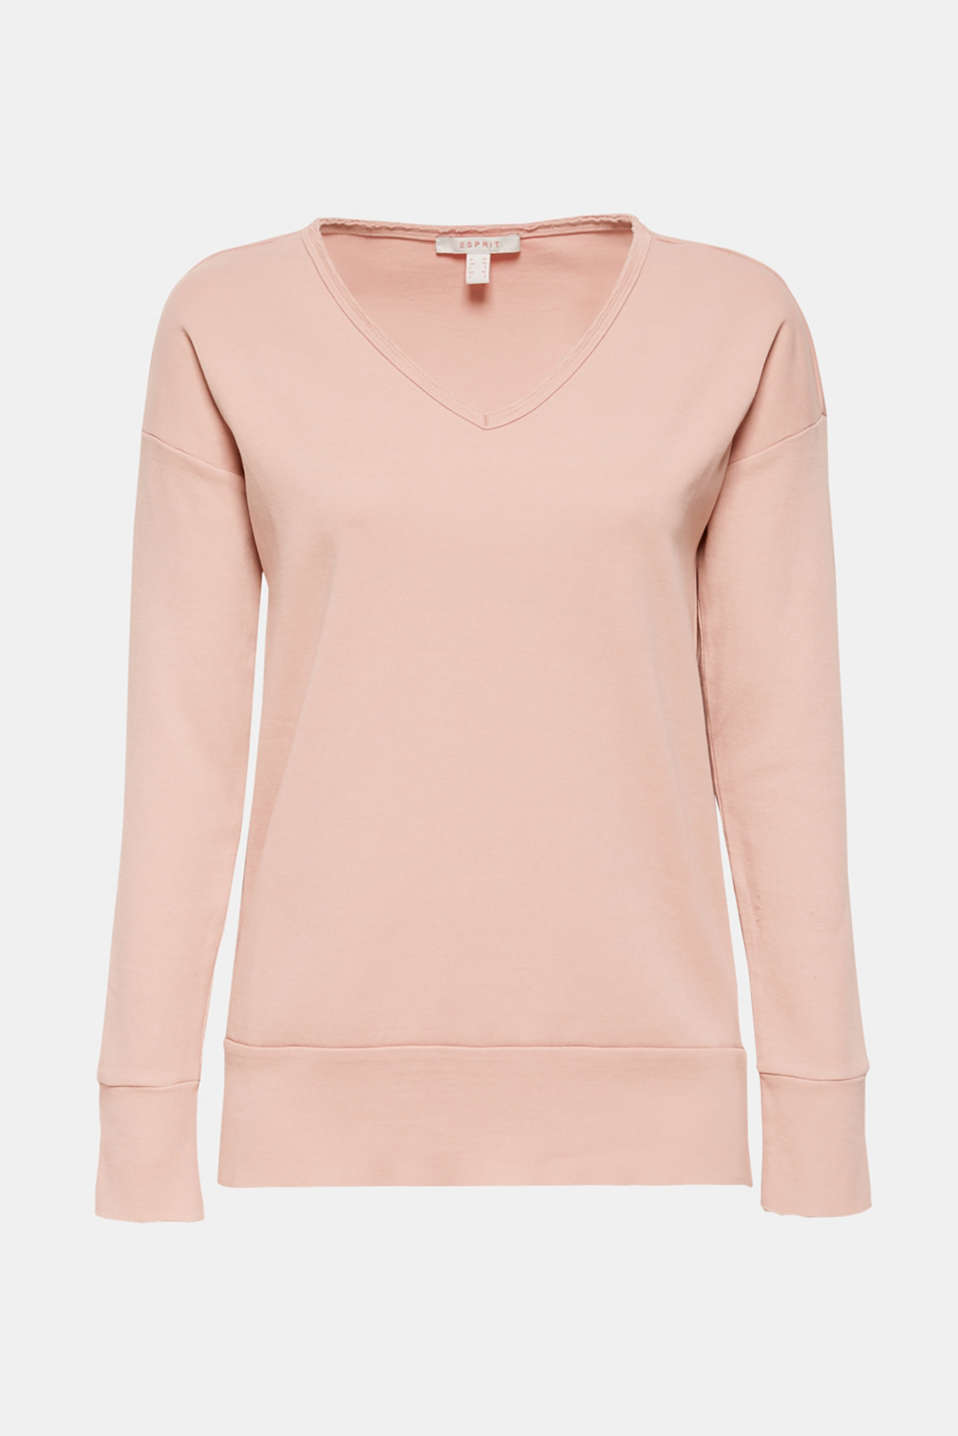 Sweatshirts, OLD PINK, detail image number 5